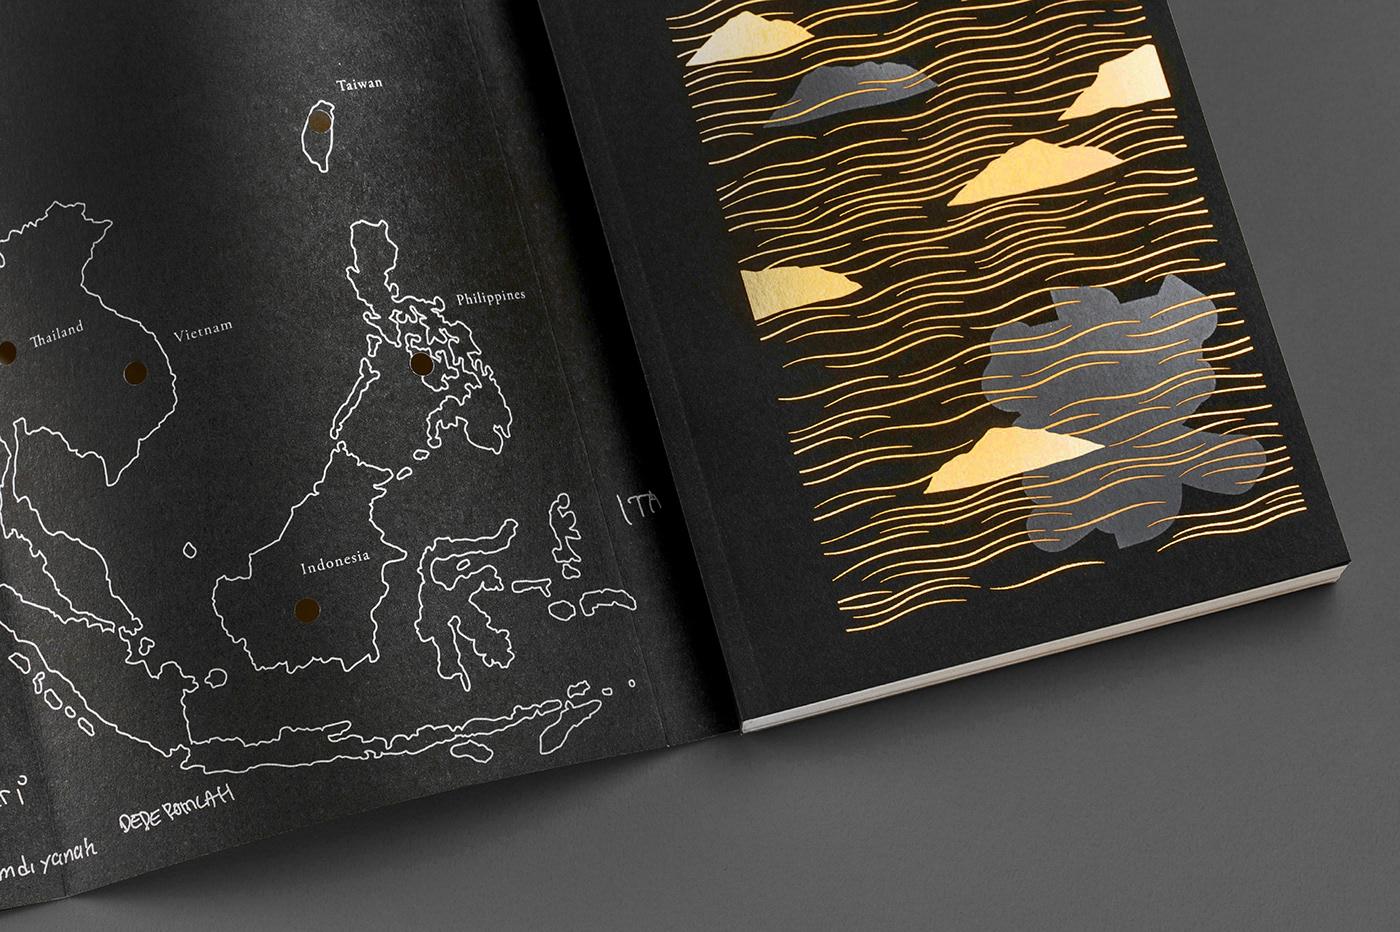 東南亞,裝幀,書籍,詩集,移工,臺北,印刷,設計